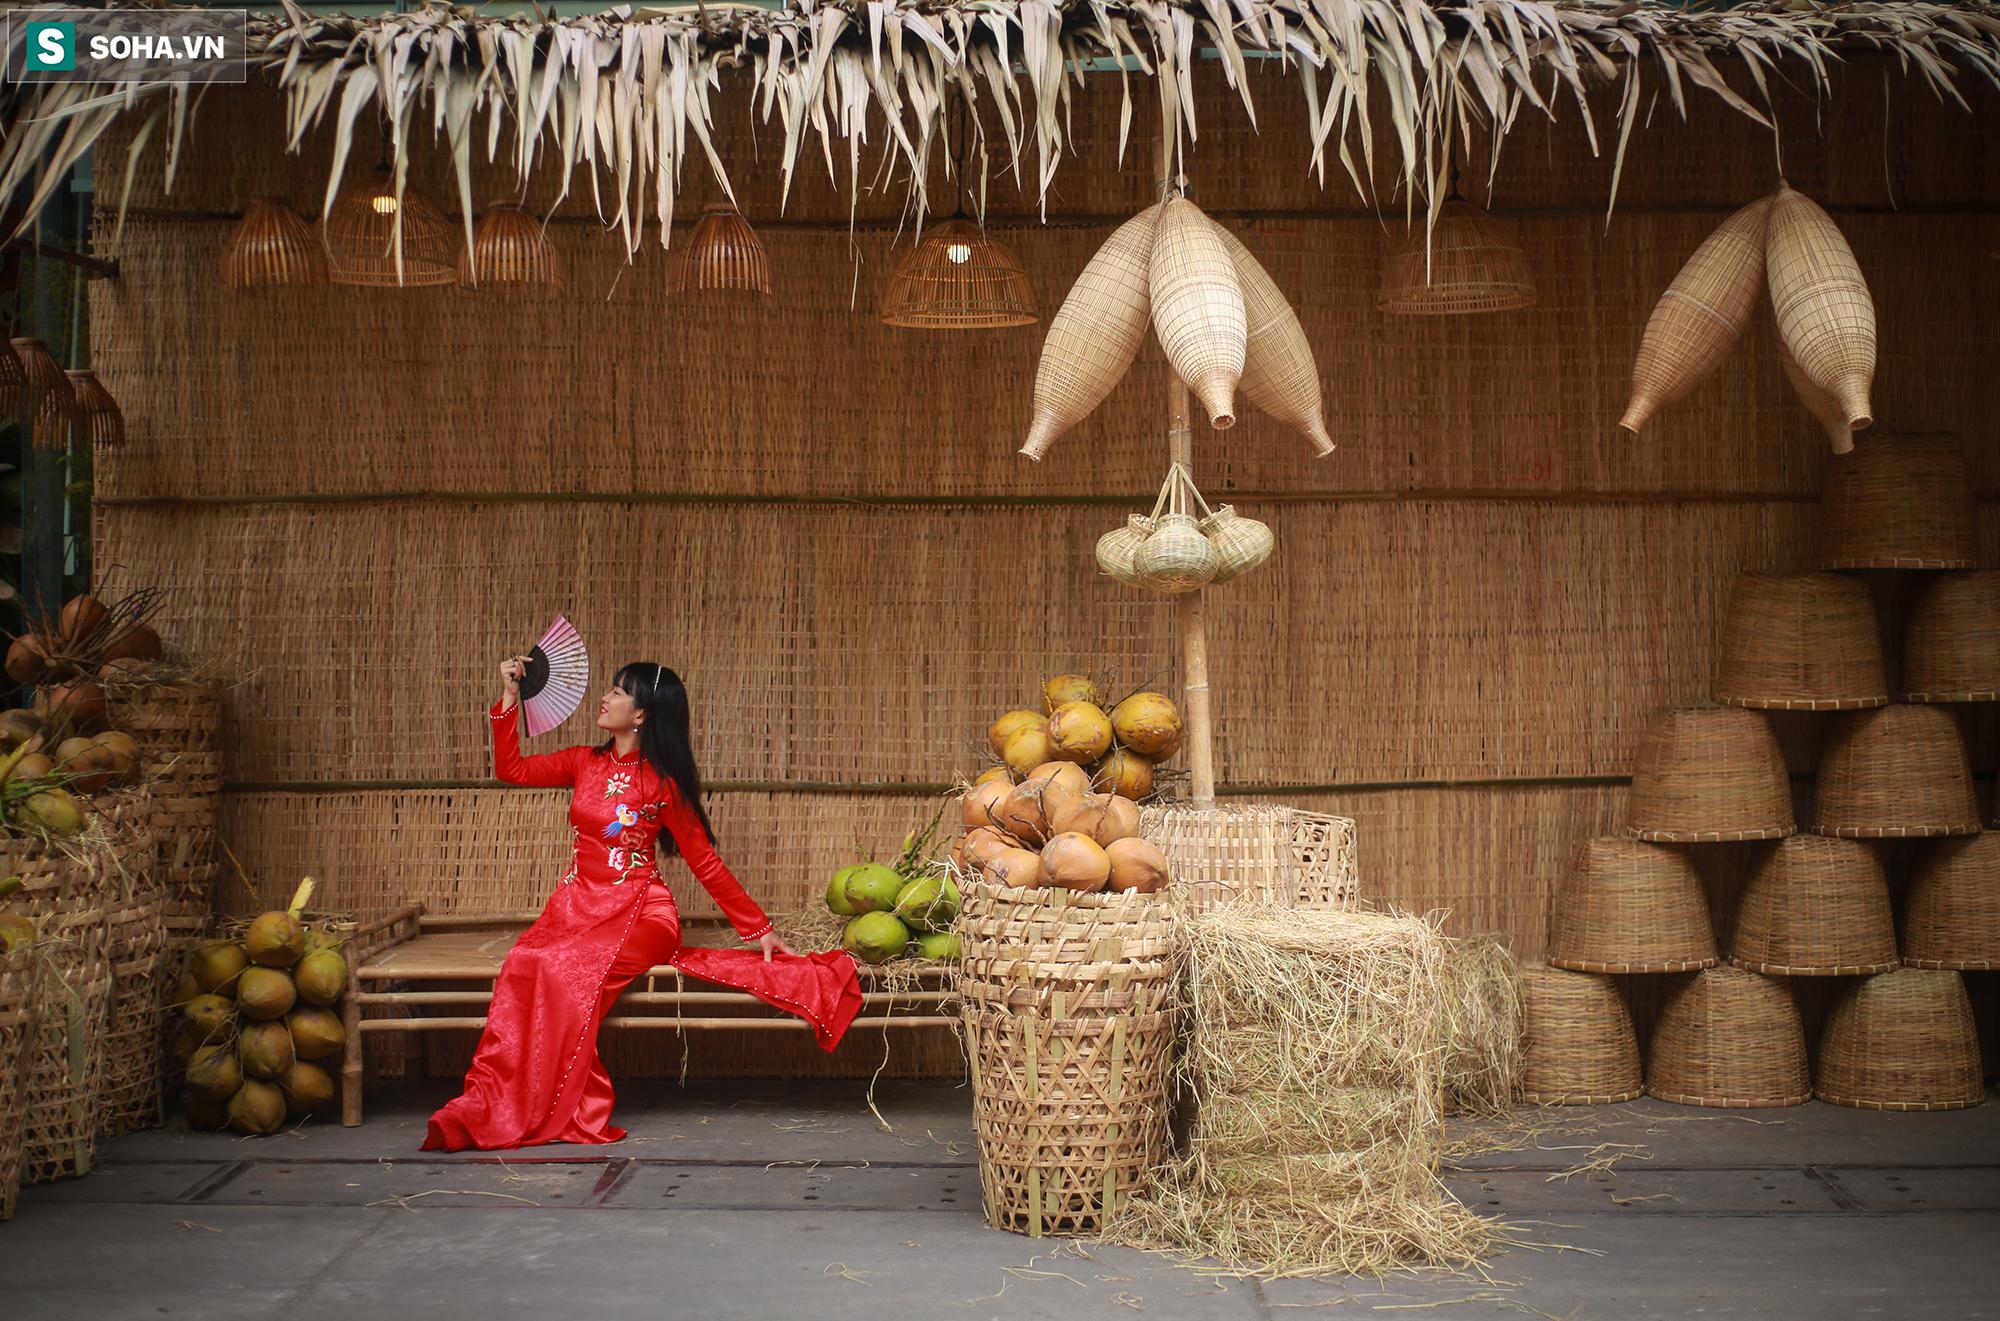 [Ảnh] Thiếu nữ Sài Gòn xinh đẹp xúng xính áo dài check-in sống ảo ở con đường hoa mai - Ảnh 5.